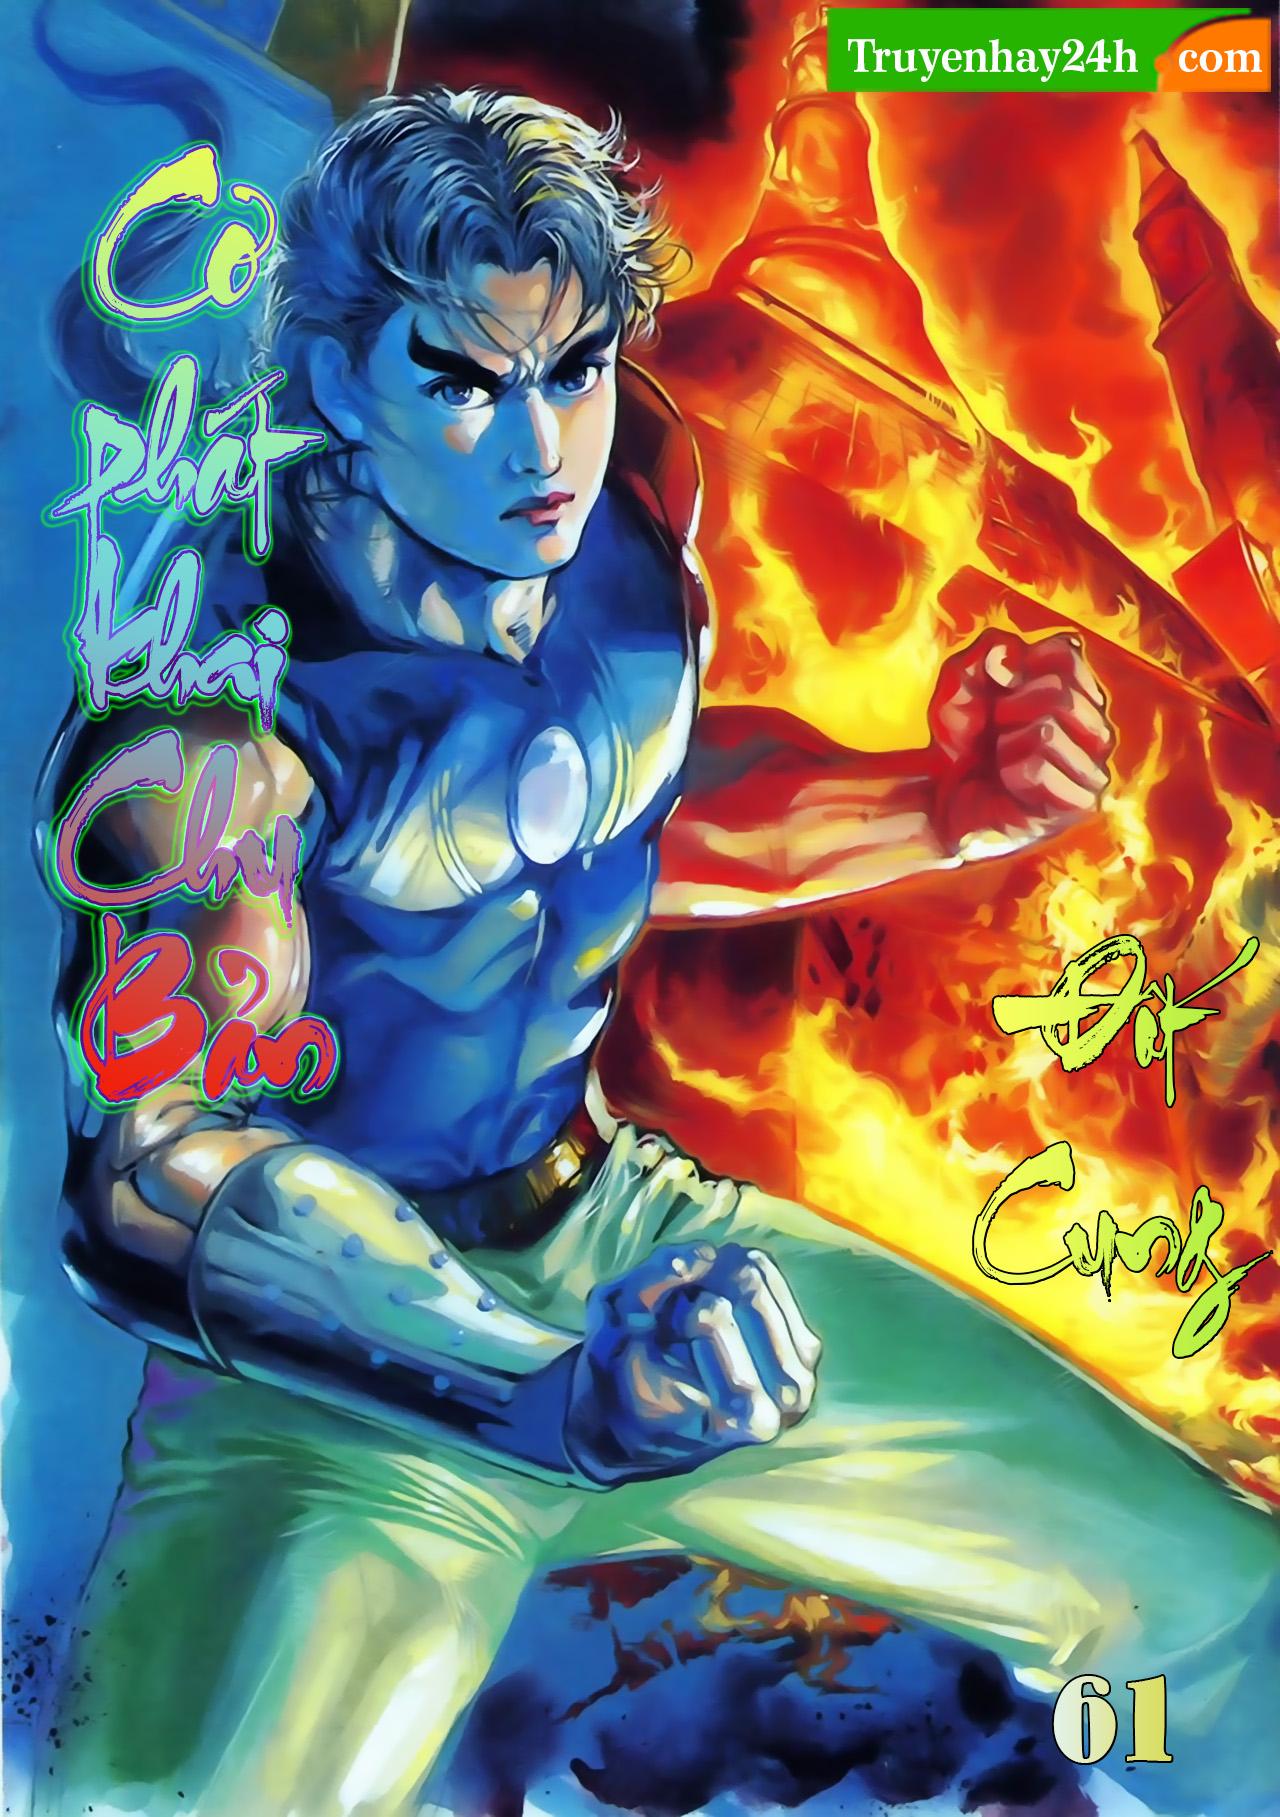 Cơ Phát Khai Chu Bản chapter 61 trang 1